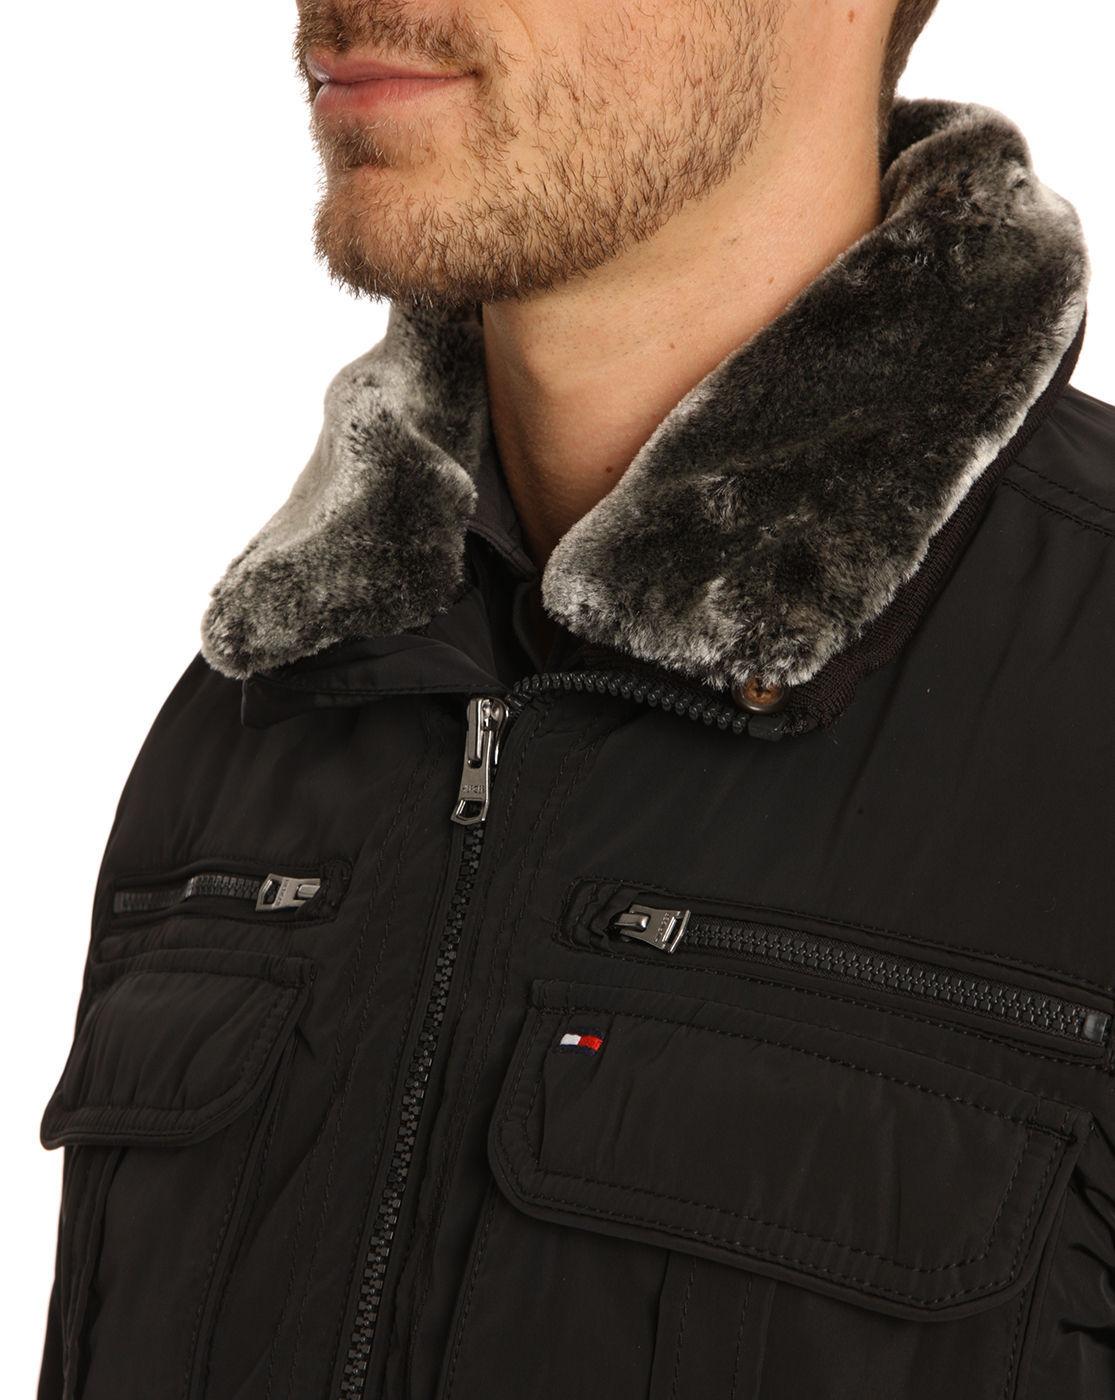 tommy hilfiger ken bomber jacket uk – Maskbook